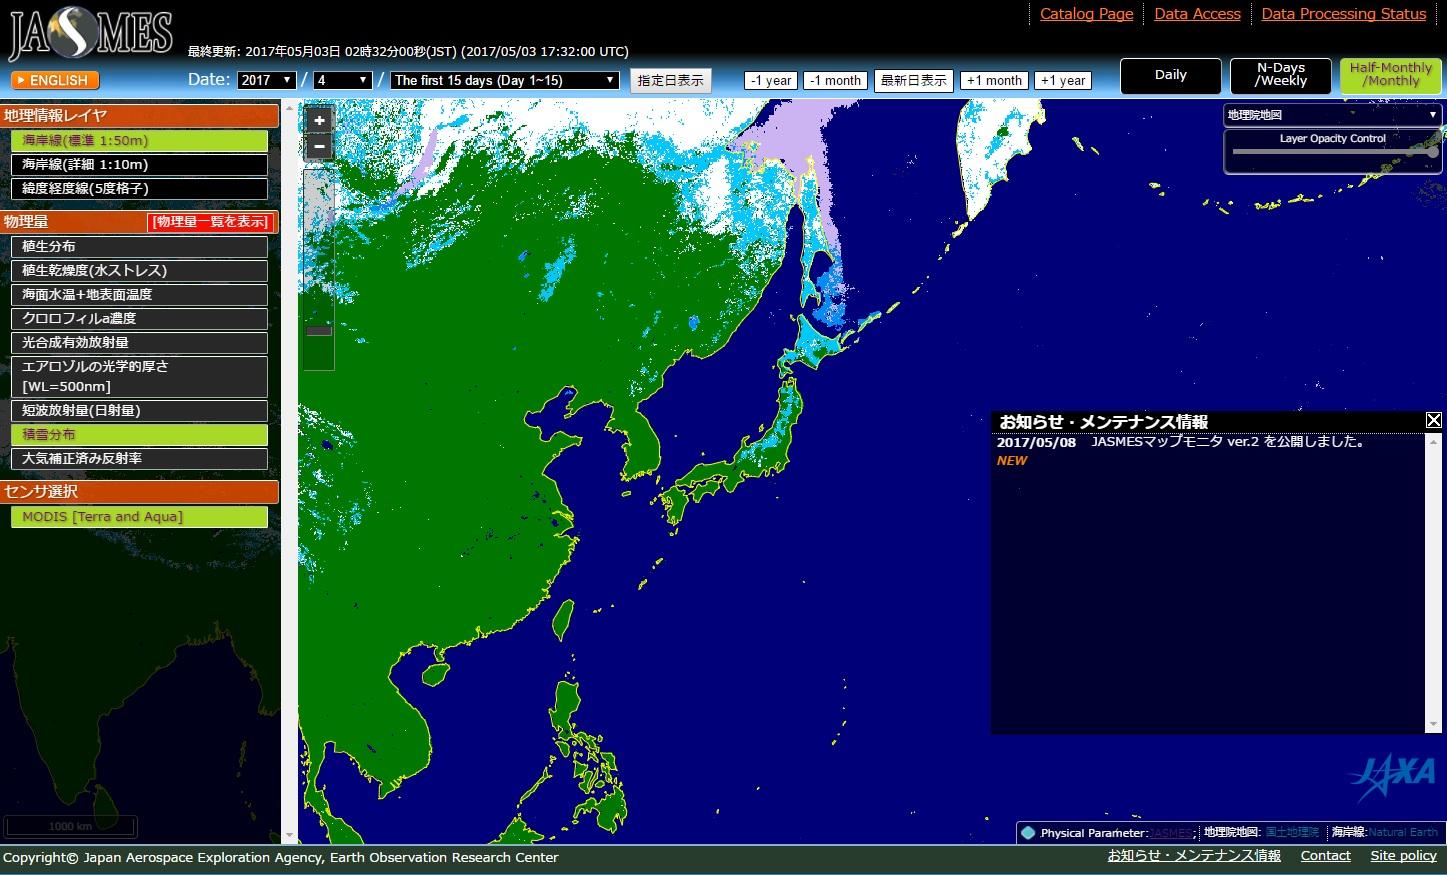 JASMES Portal TOP - Japan map satellite